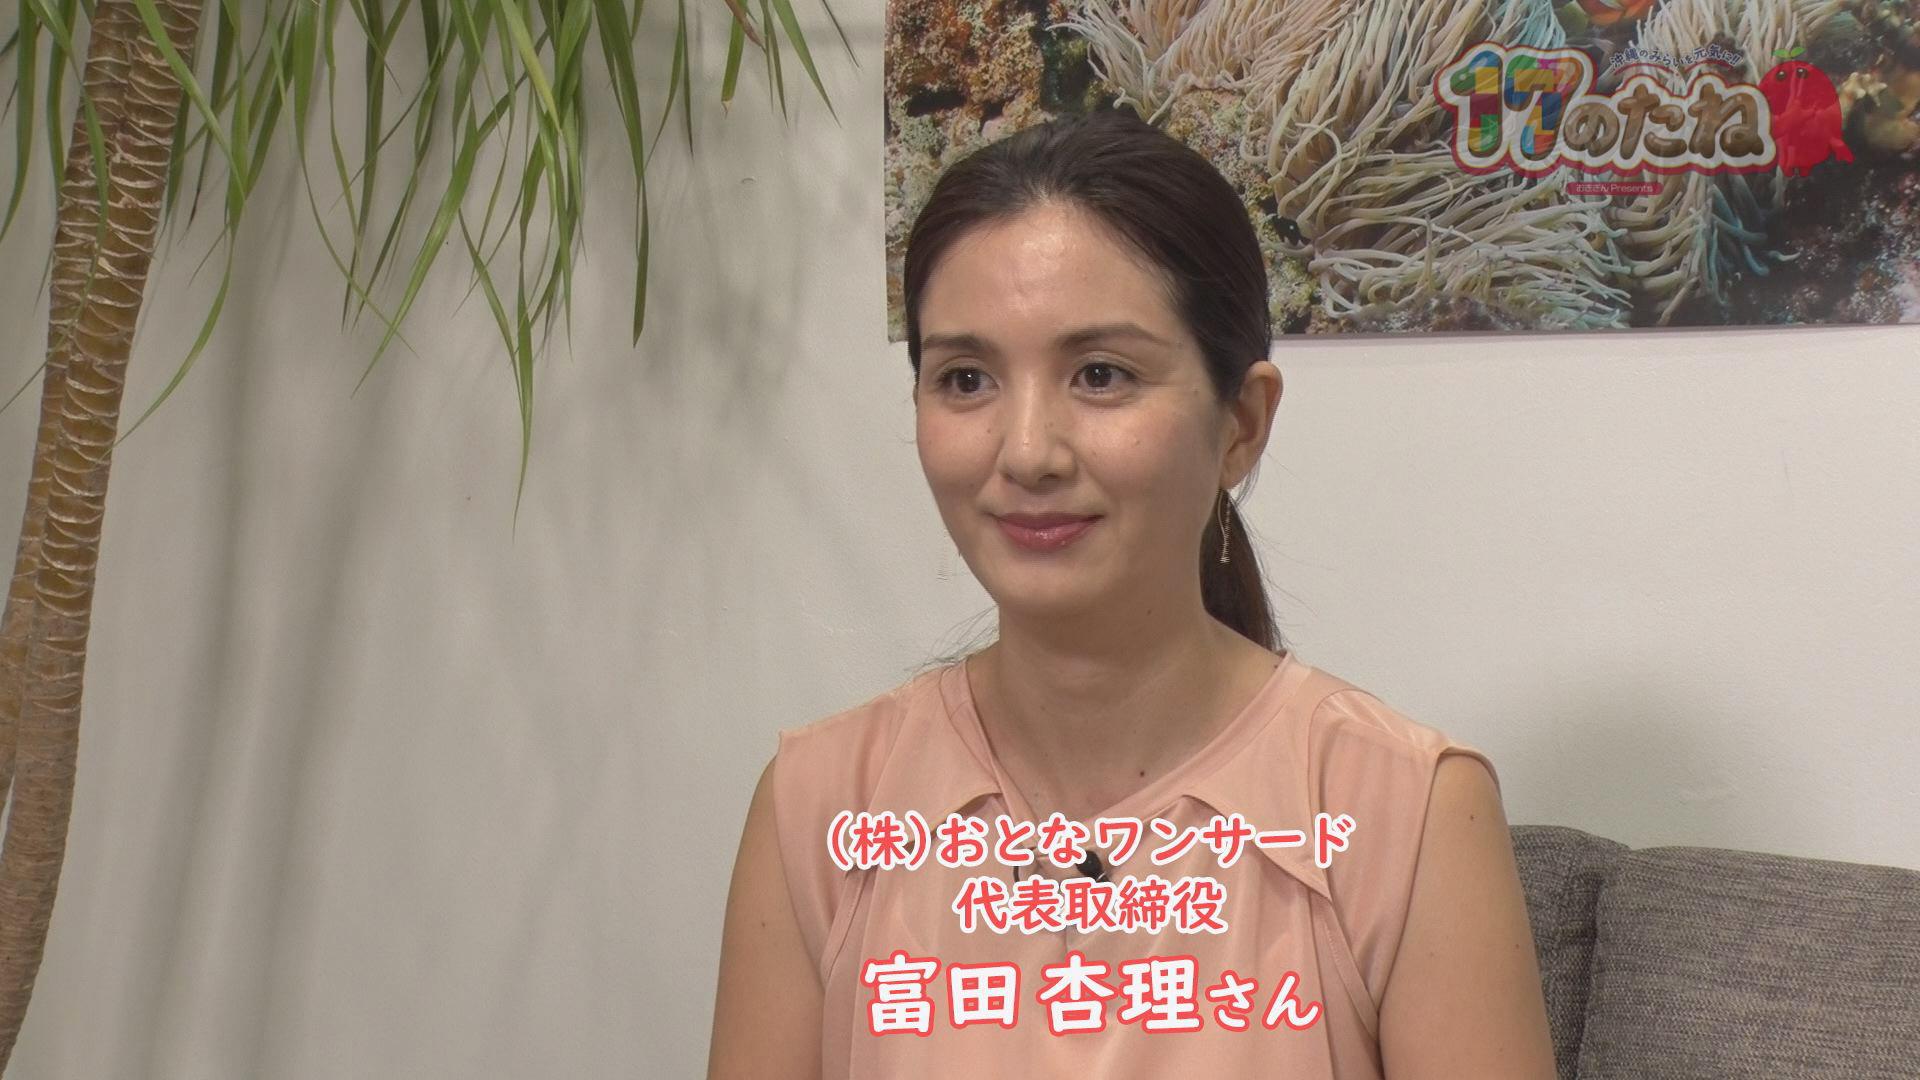 #12「おきなわこども未来ランチサポート」7月27日放送